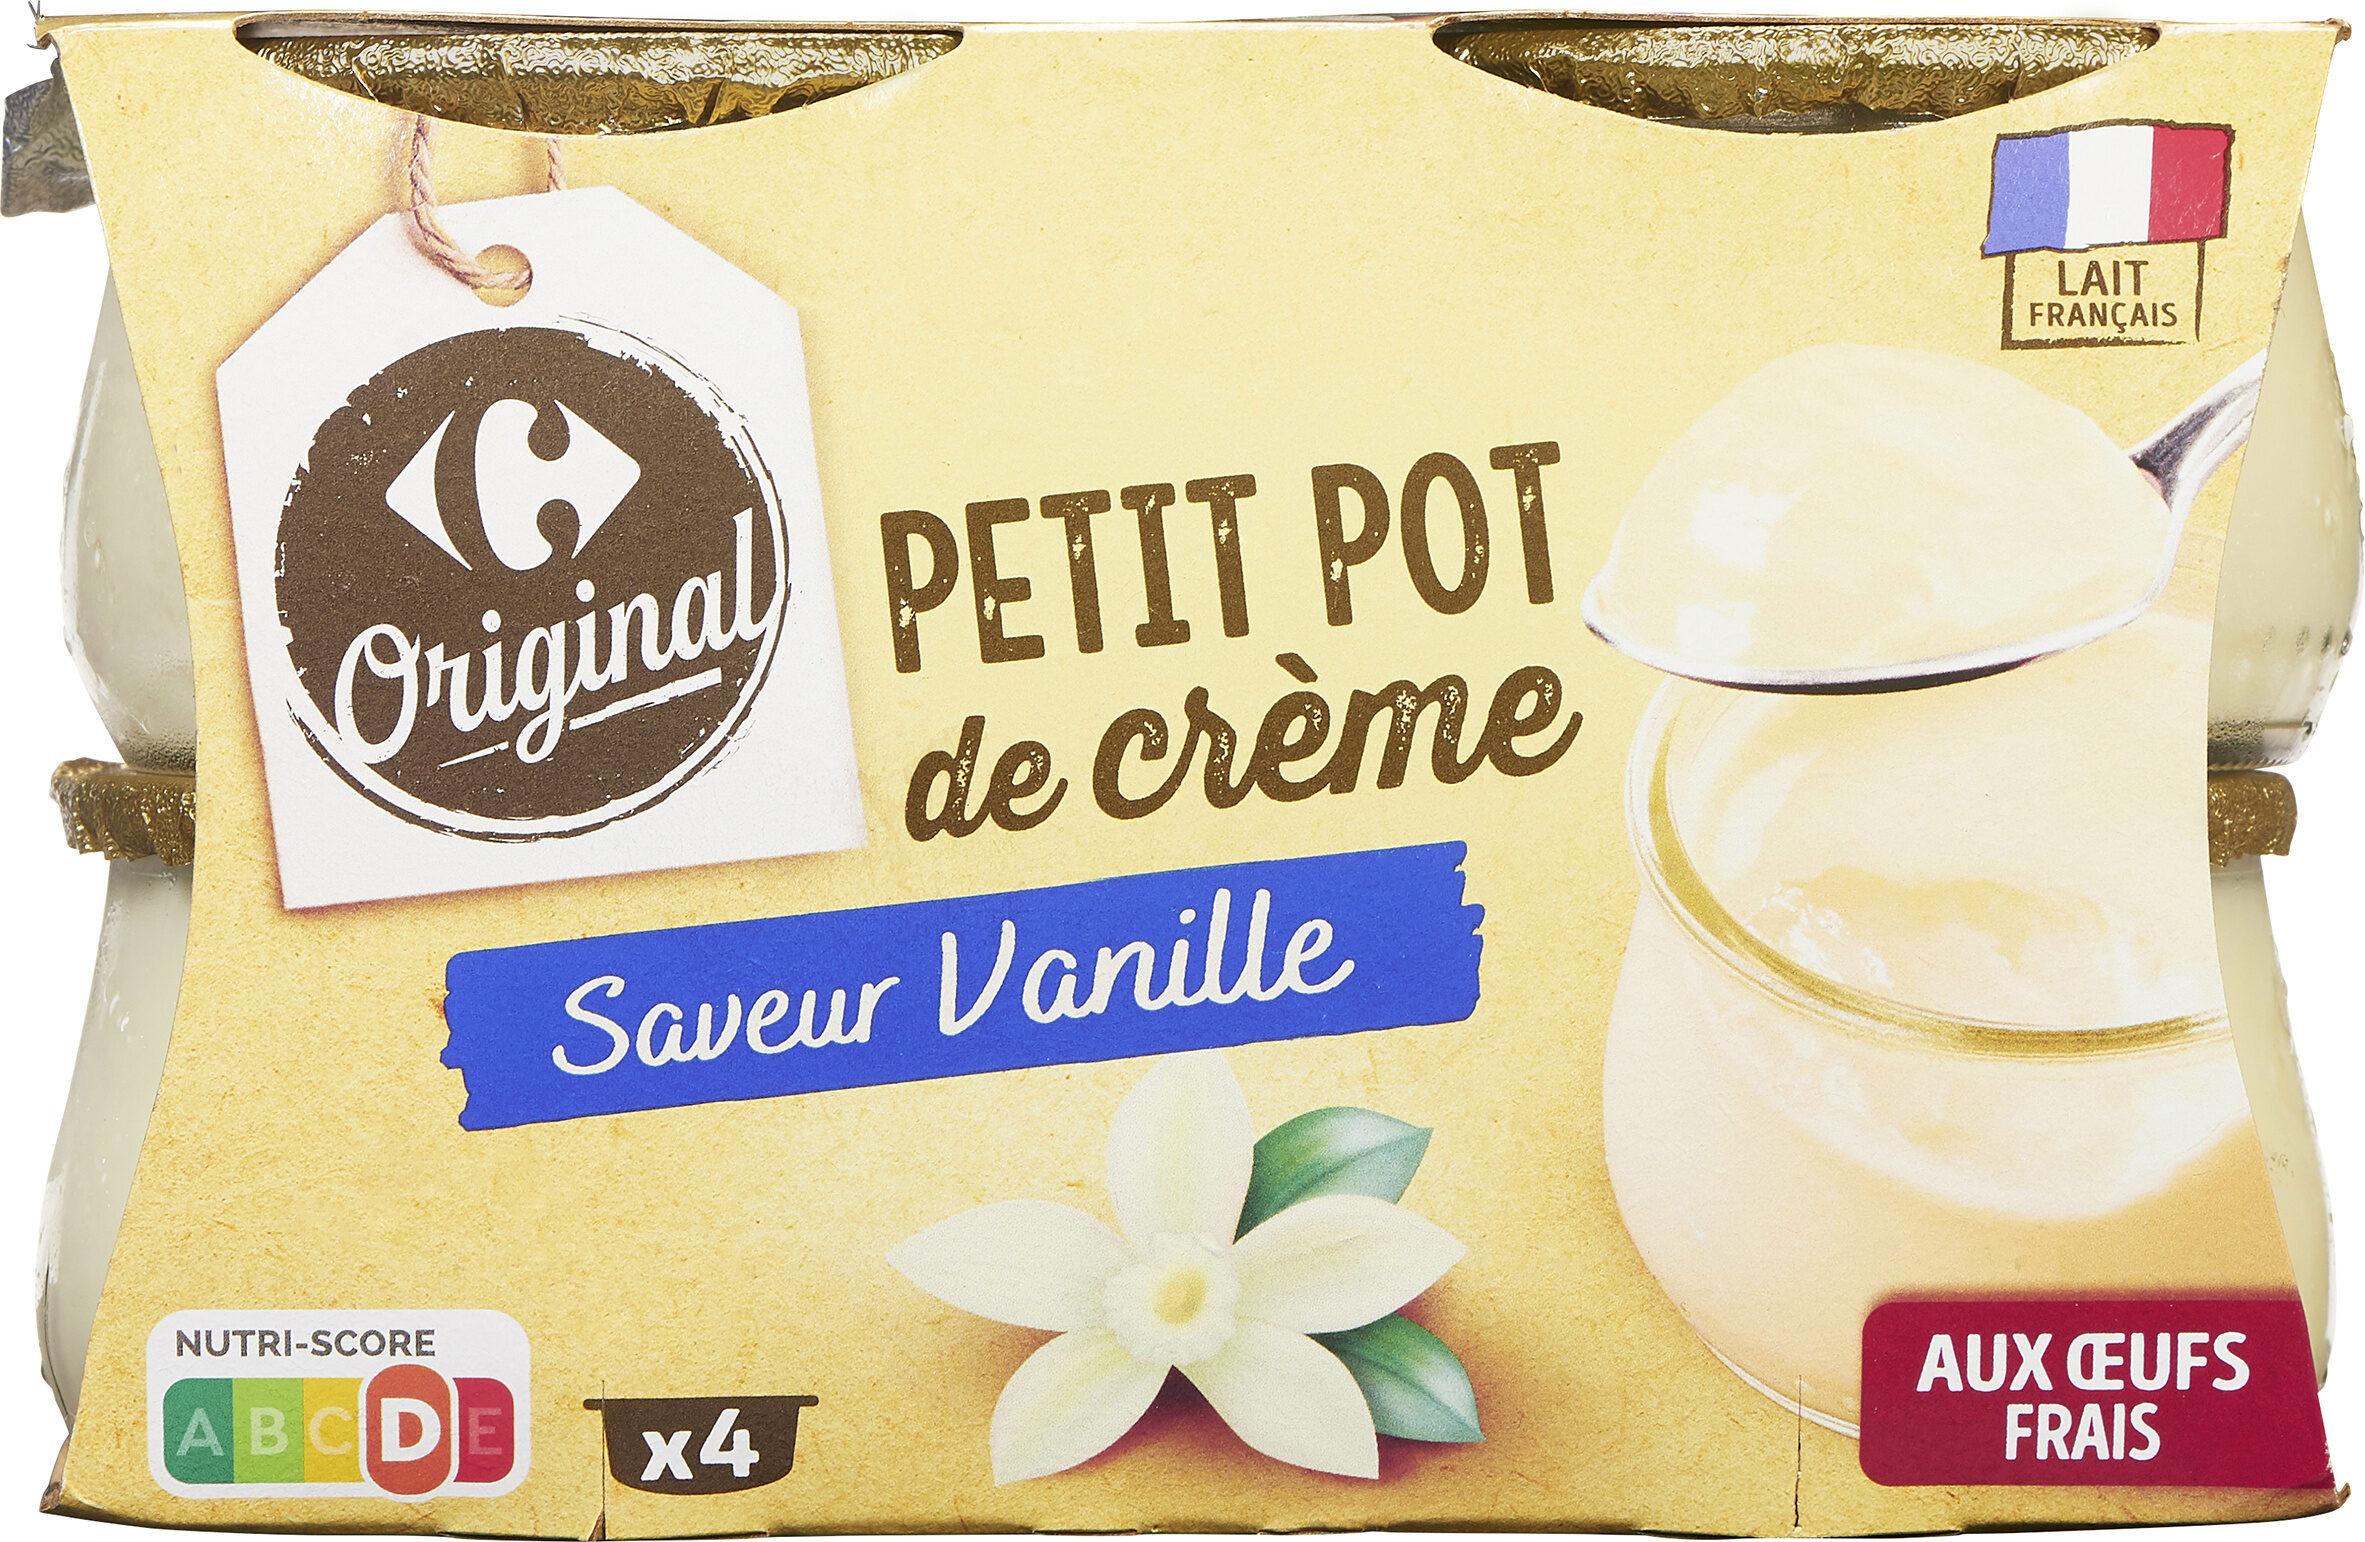 Nos petits pots de crème Saveur Vanille - Produit - fr